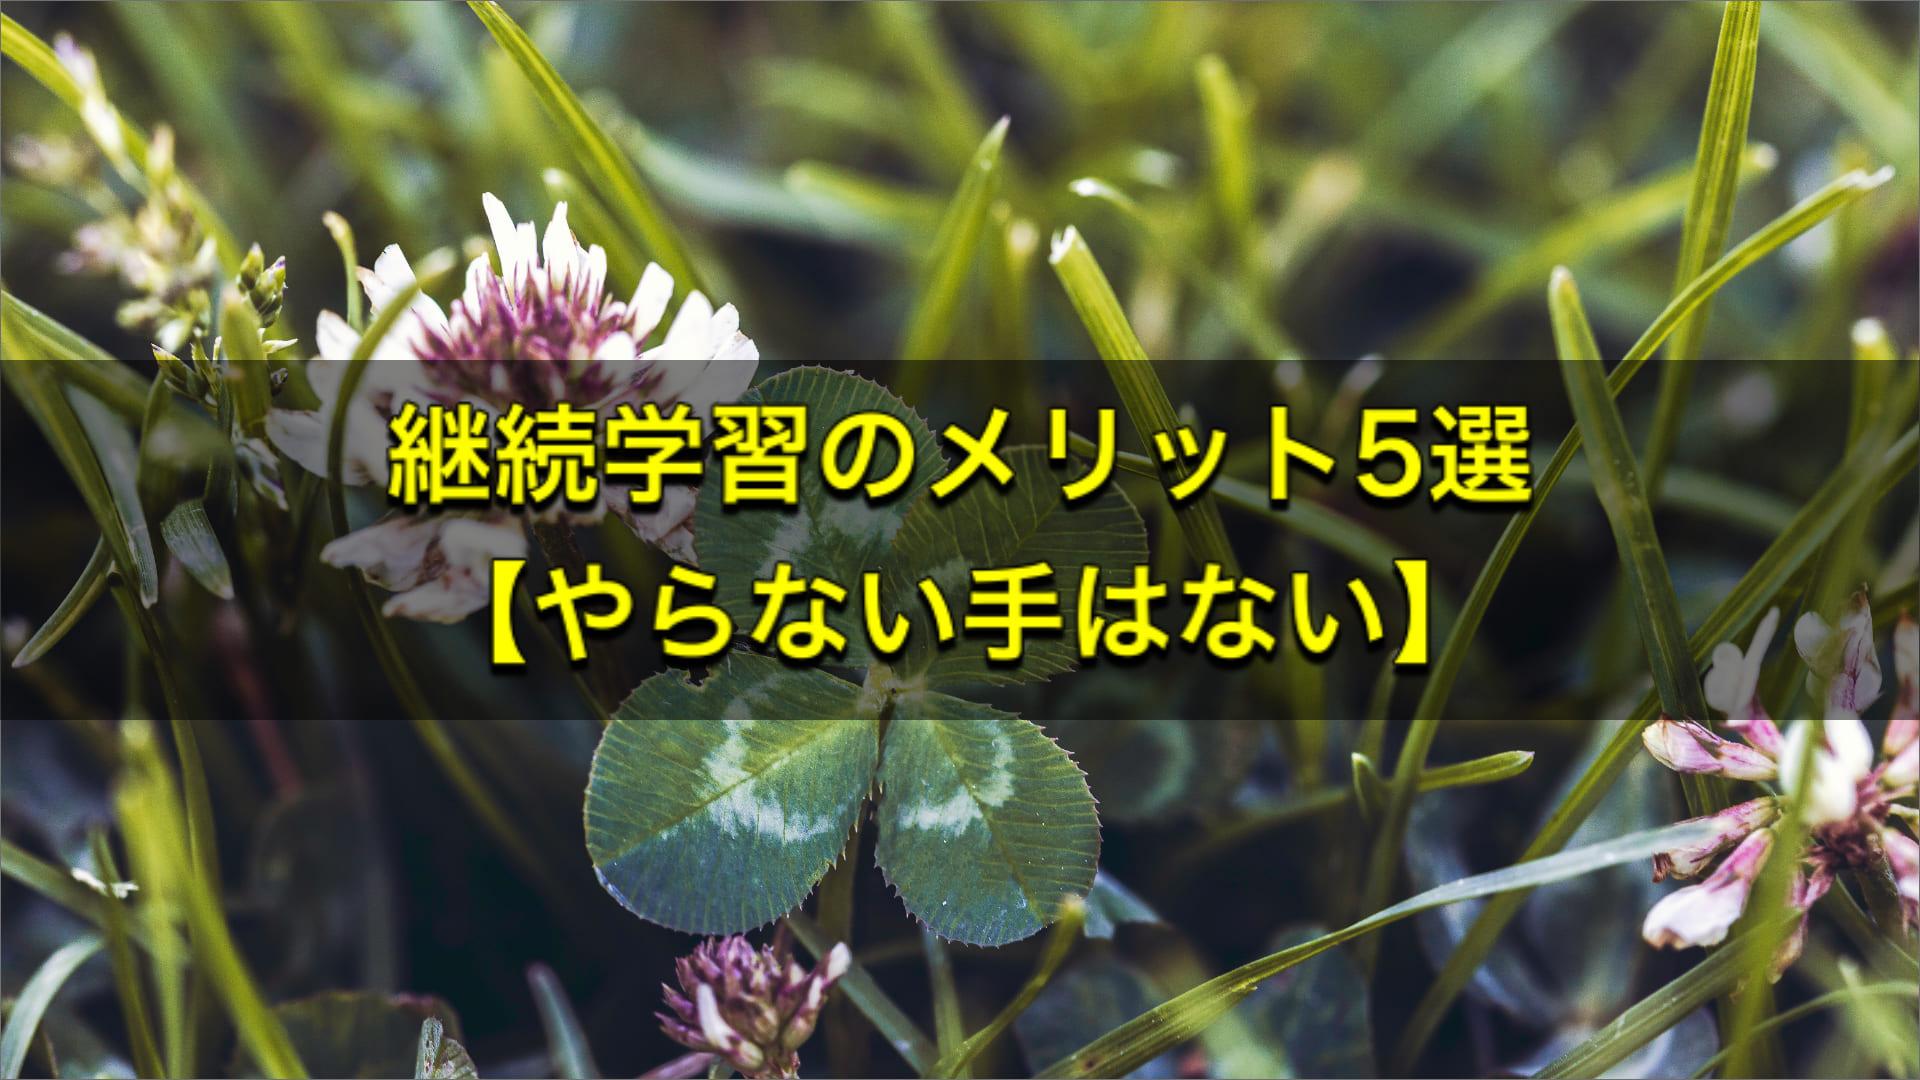 継続学習のメリット5選【やらない手はない】